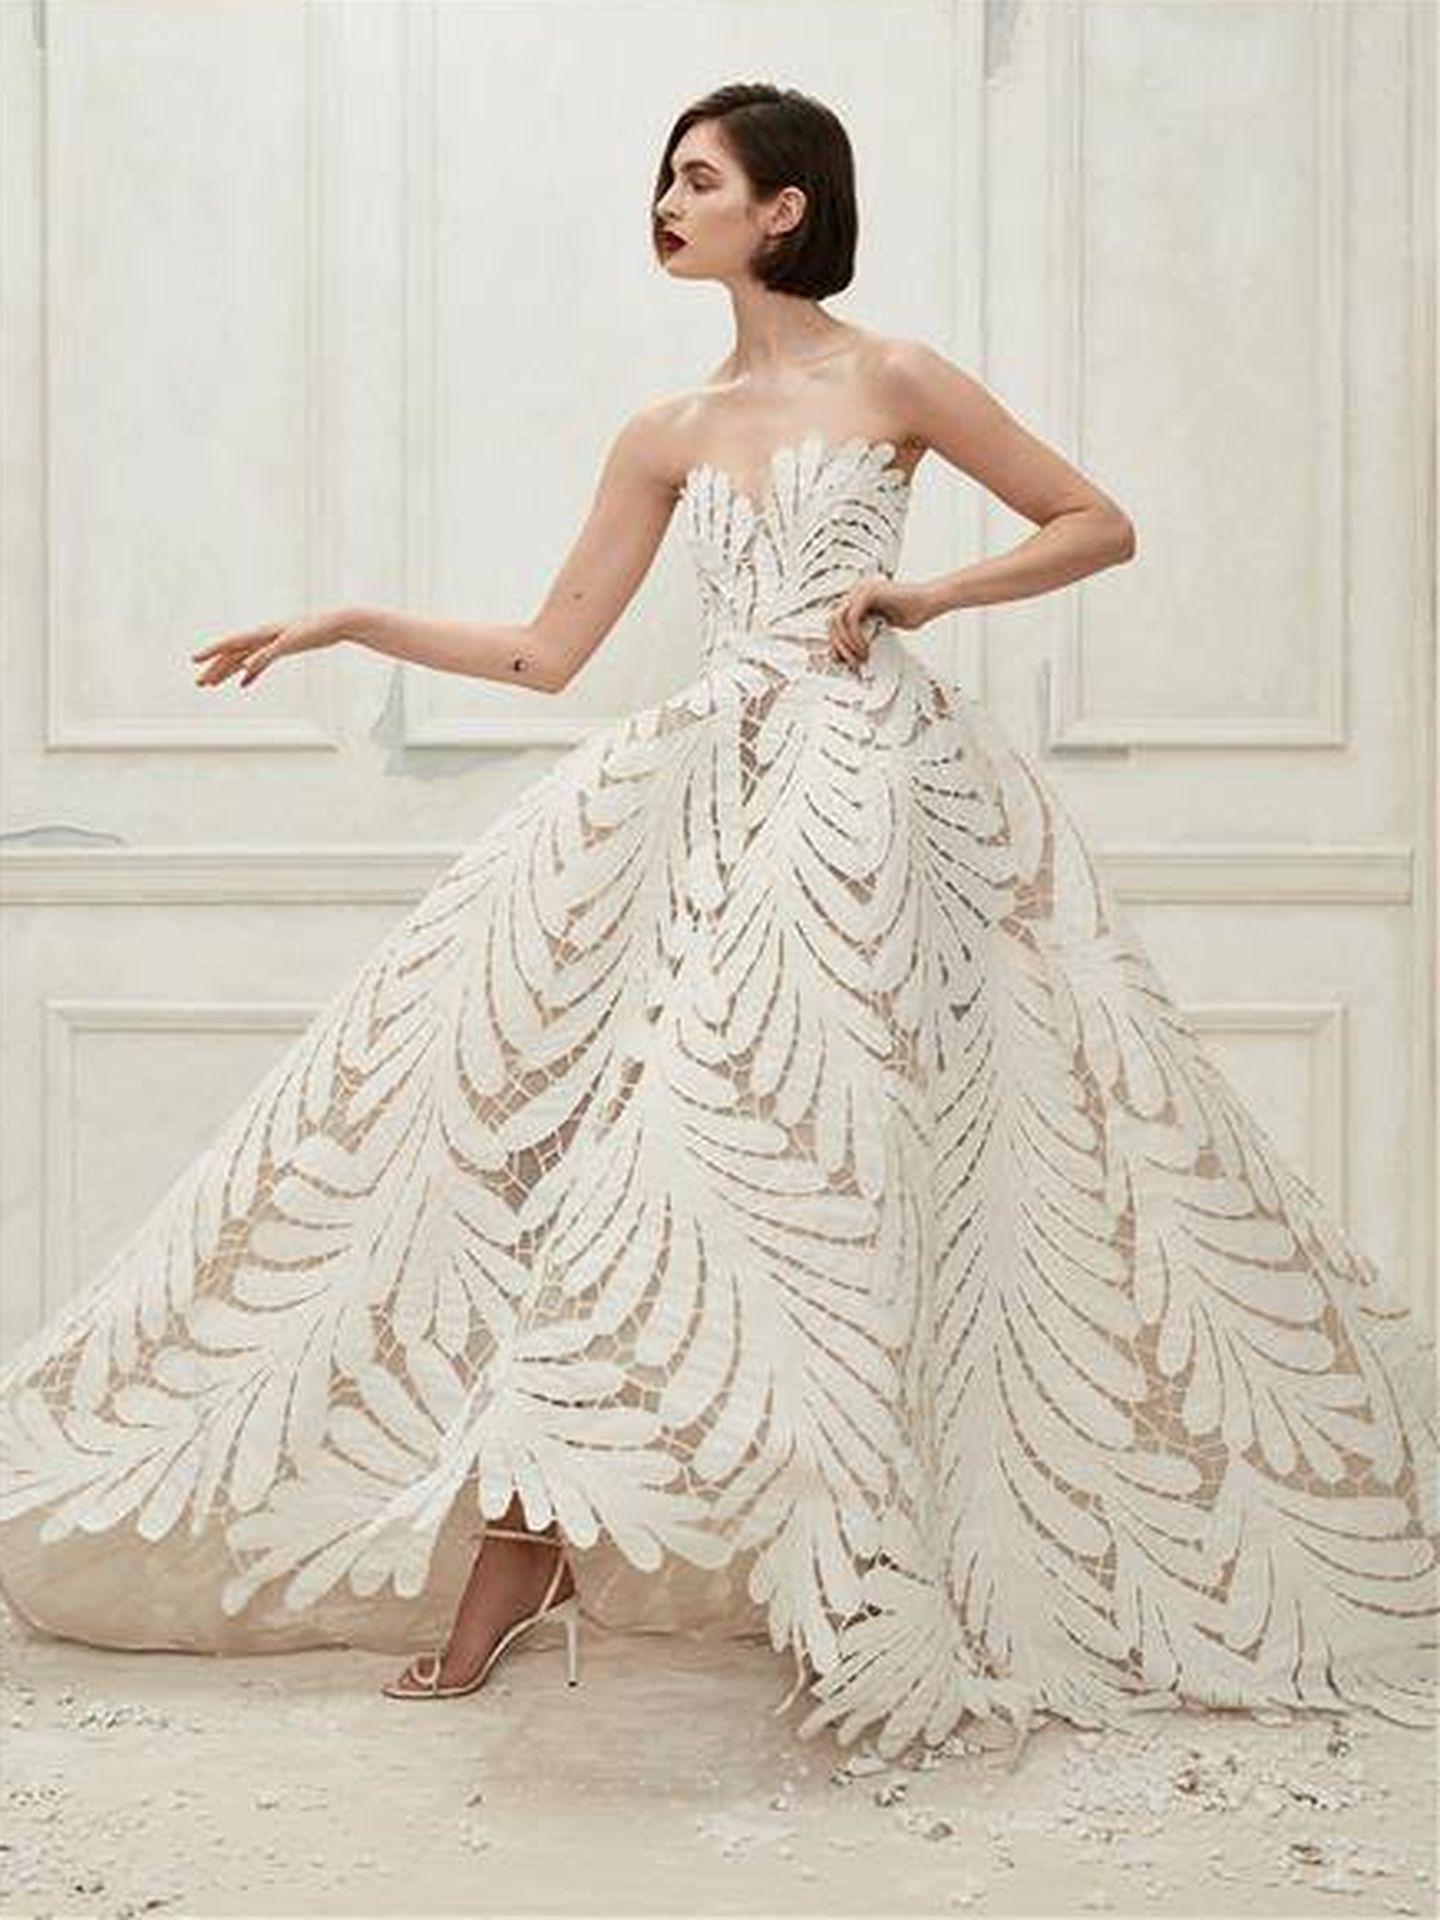 Diseño de la colección Bridal Spring 2019 de Oscar de la Renta. (Cortesía)